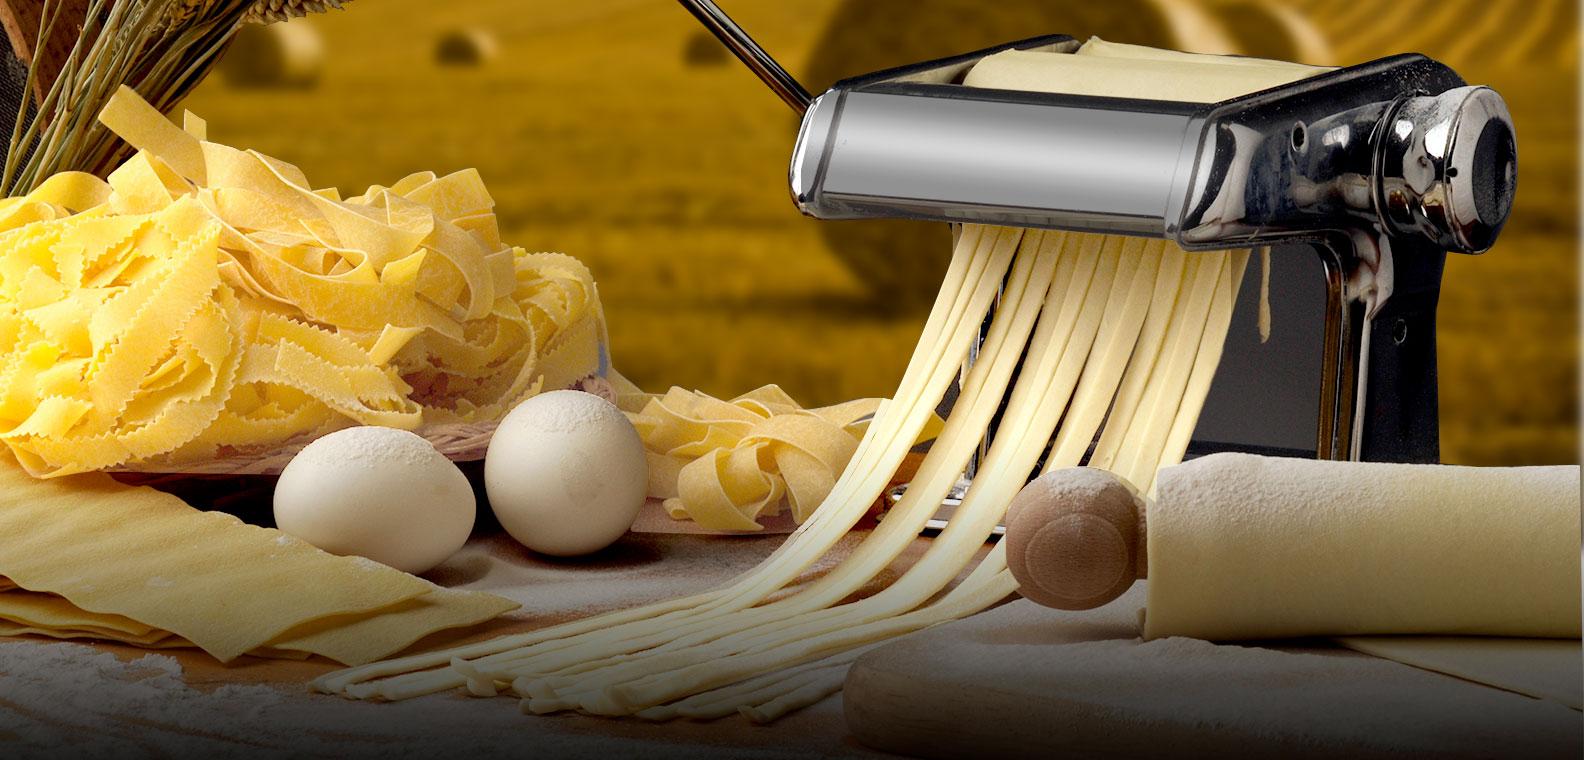 Pasta Artisanal Italian Foods